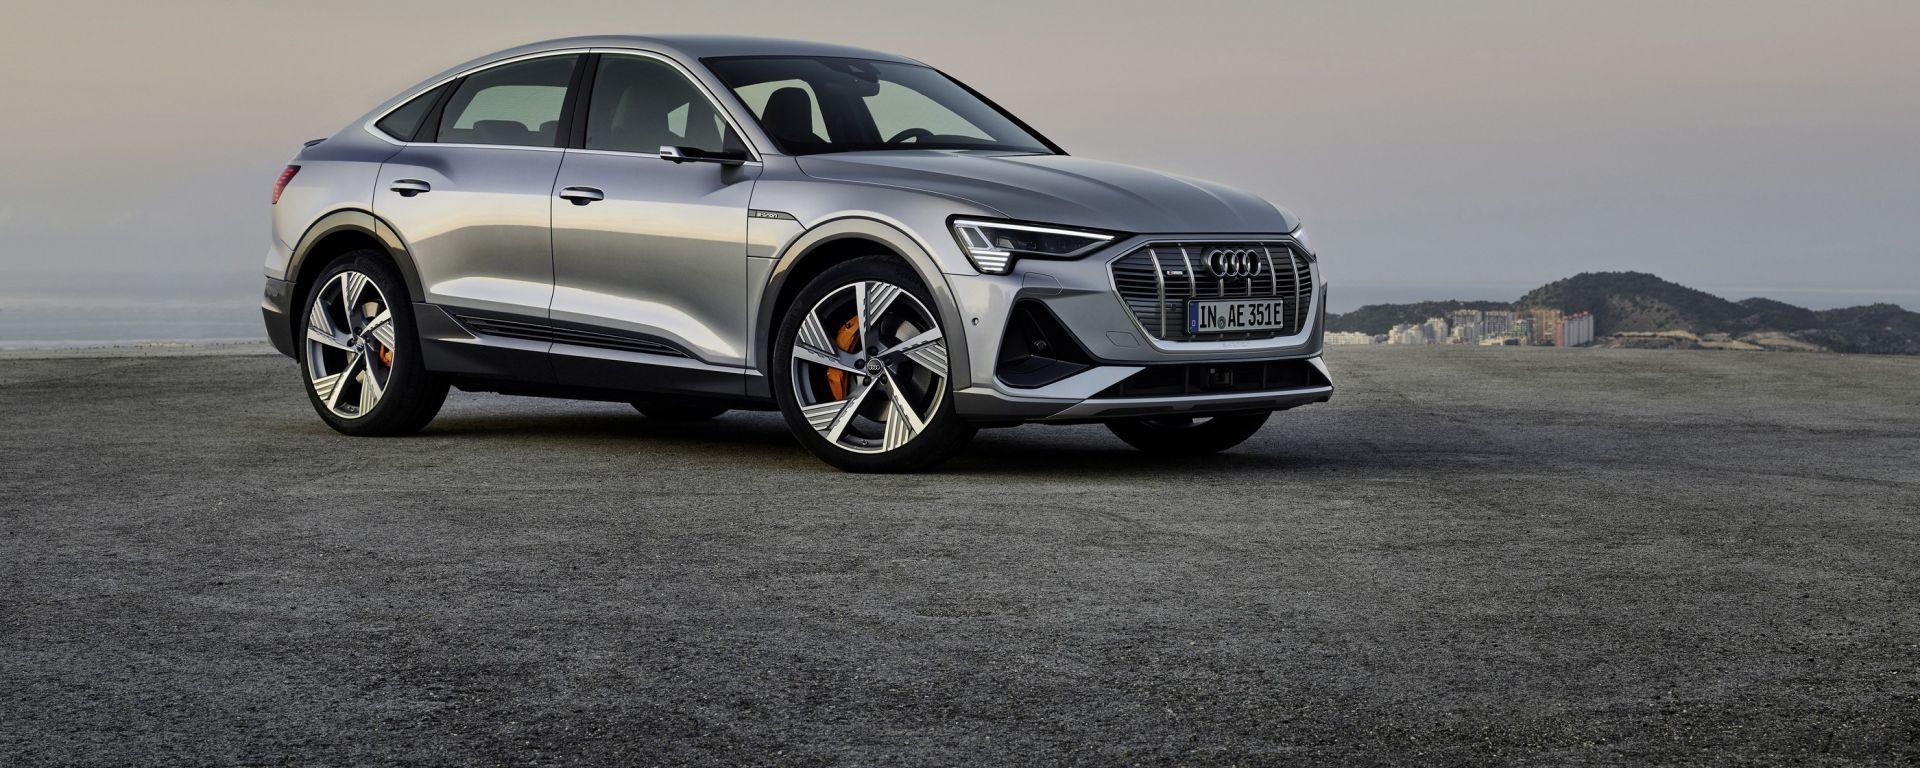 Audi E-tron Sportback 2020 dimensioni interni uscita prezzo - MotorBox